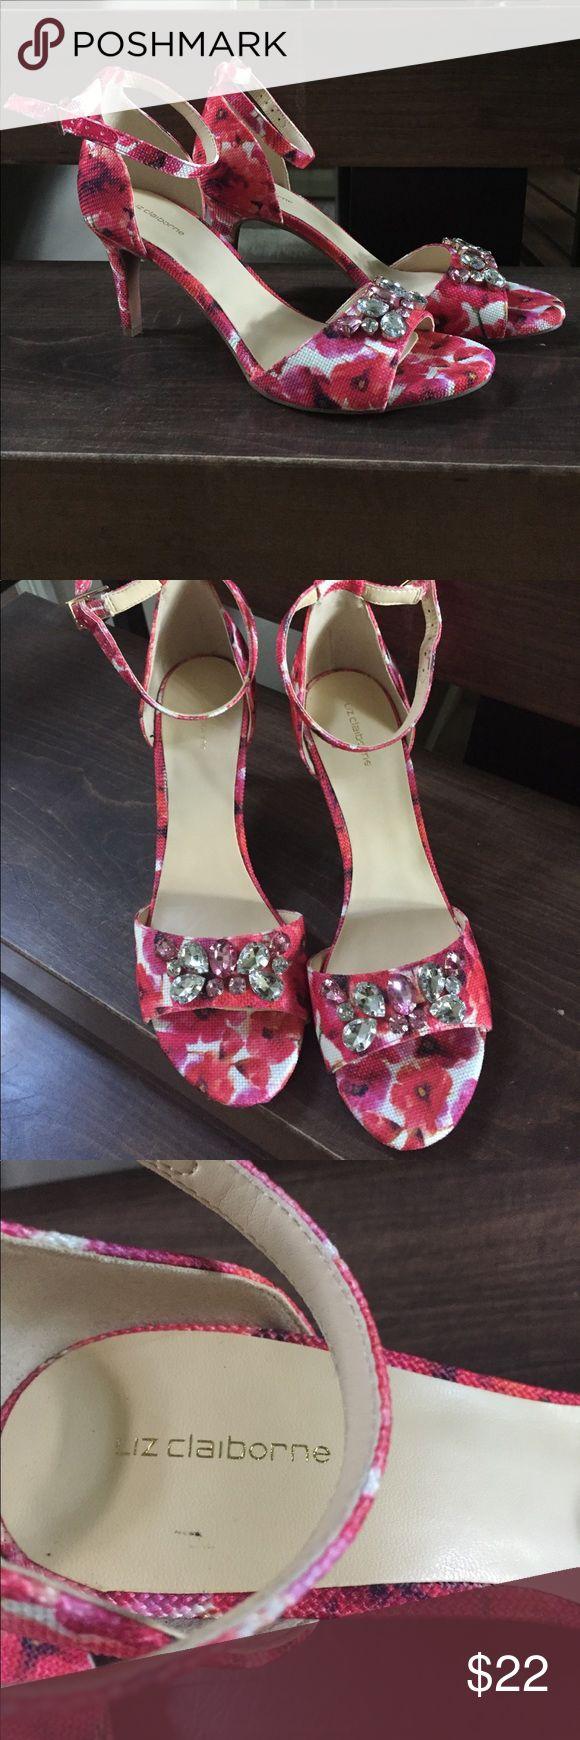 LIZ Claiborne Sandals Liz Claiborne high heels sandals in floral design with sparkly embossments . Liz Claiborne Shoes Sandals